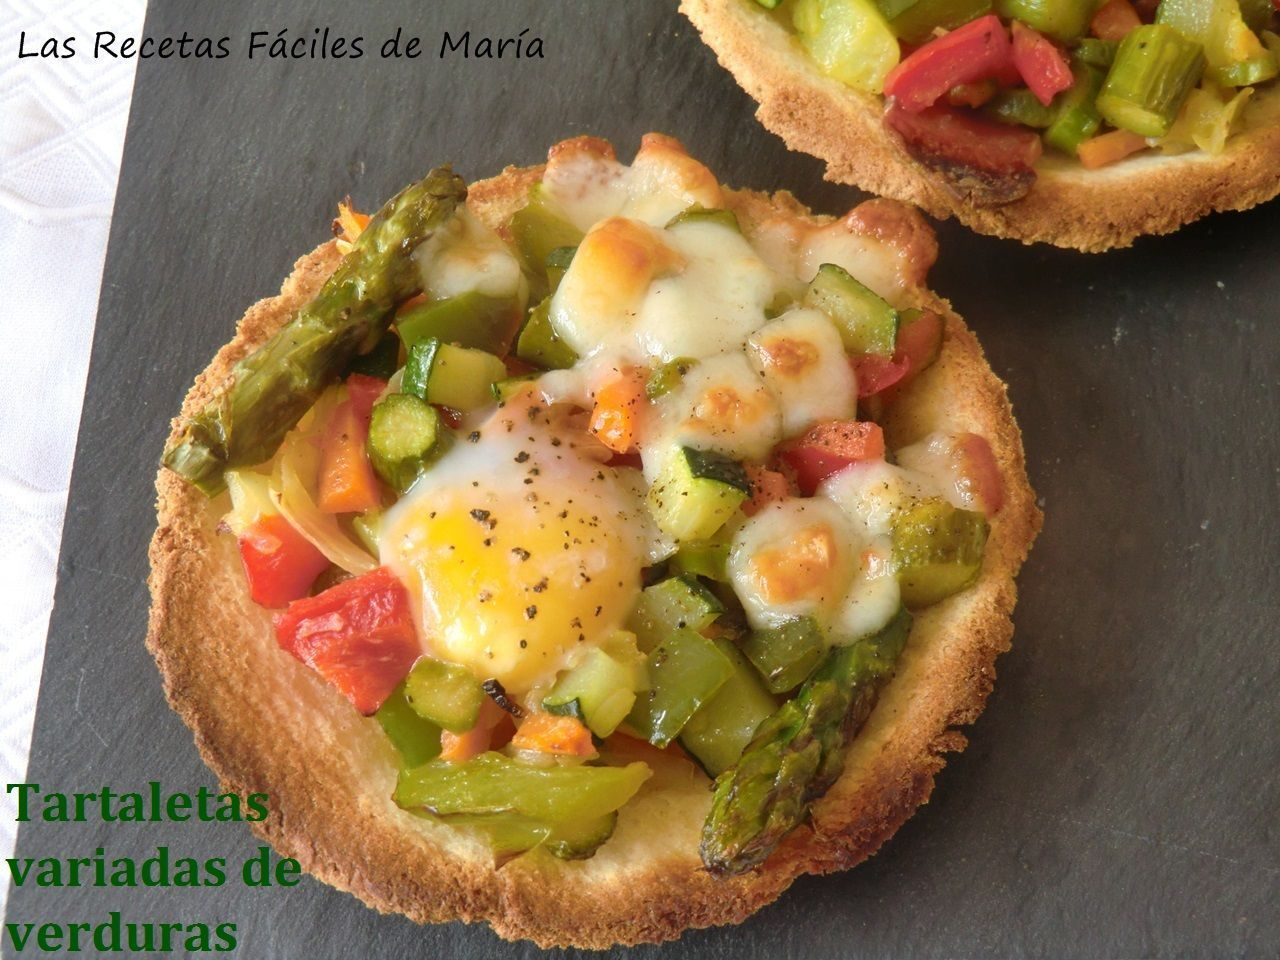 Tartaletas Variadas De Verduras Las Recetas Fáciles De María